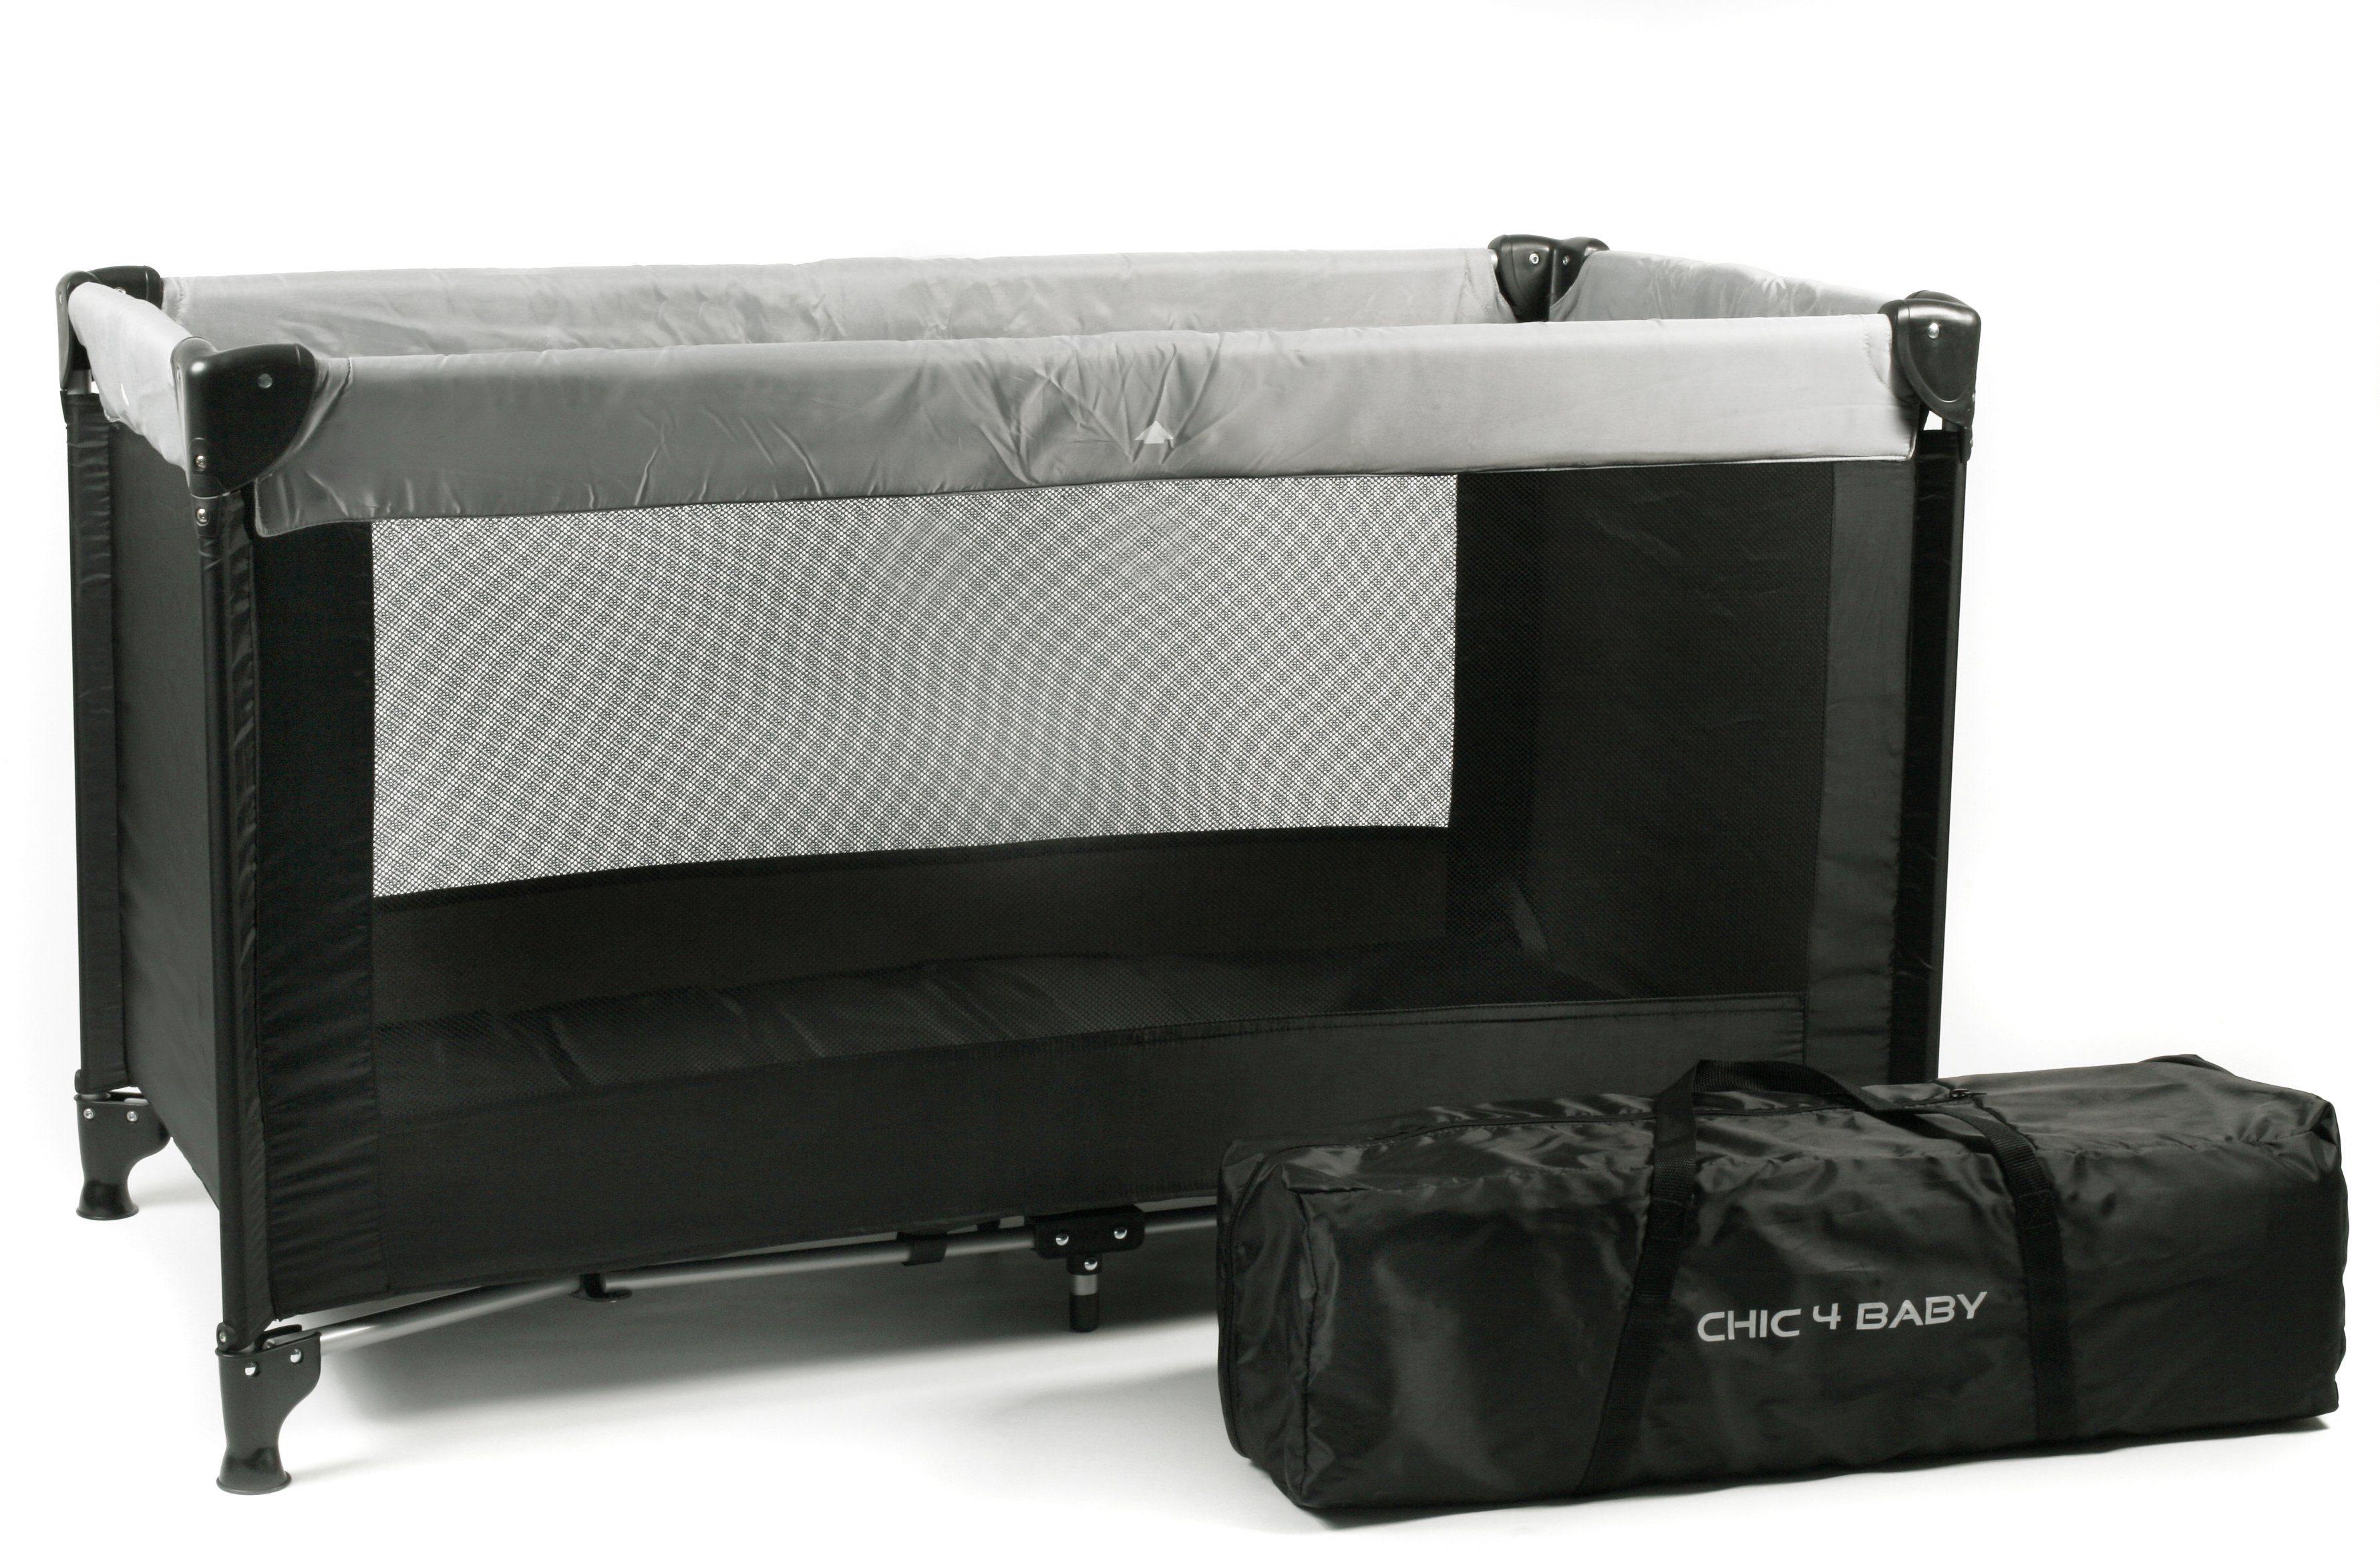 CHIC4BABY Reisebett mit Transport Tasche, »Basic schwarz«